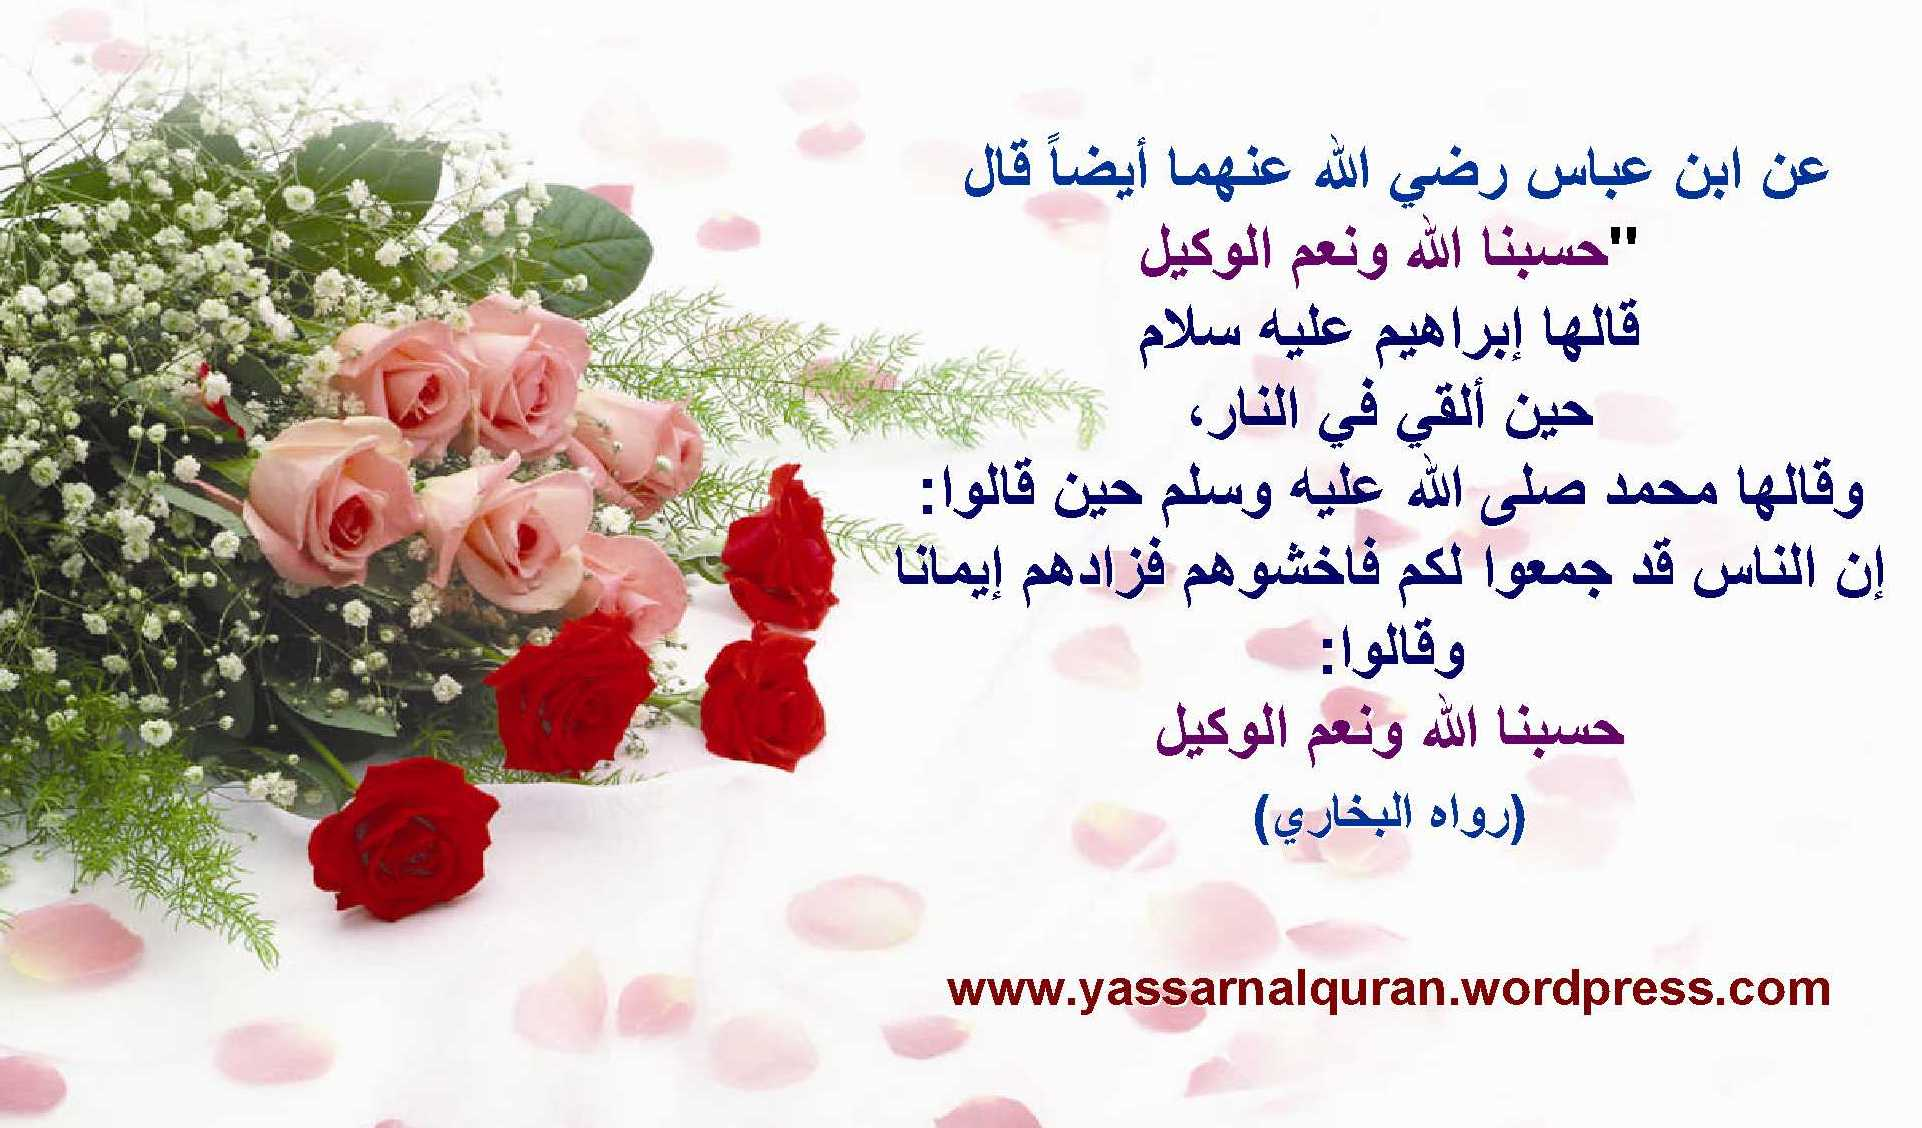 Hasbunallahu Wa Nimal Wakeel Yassarnalquran